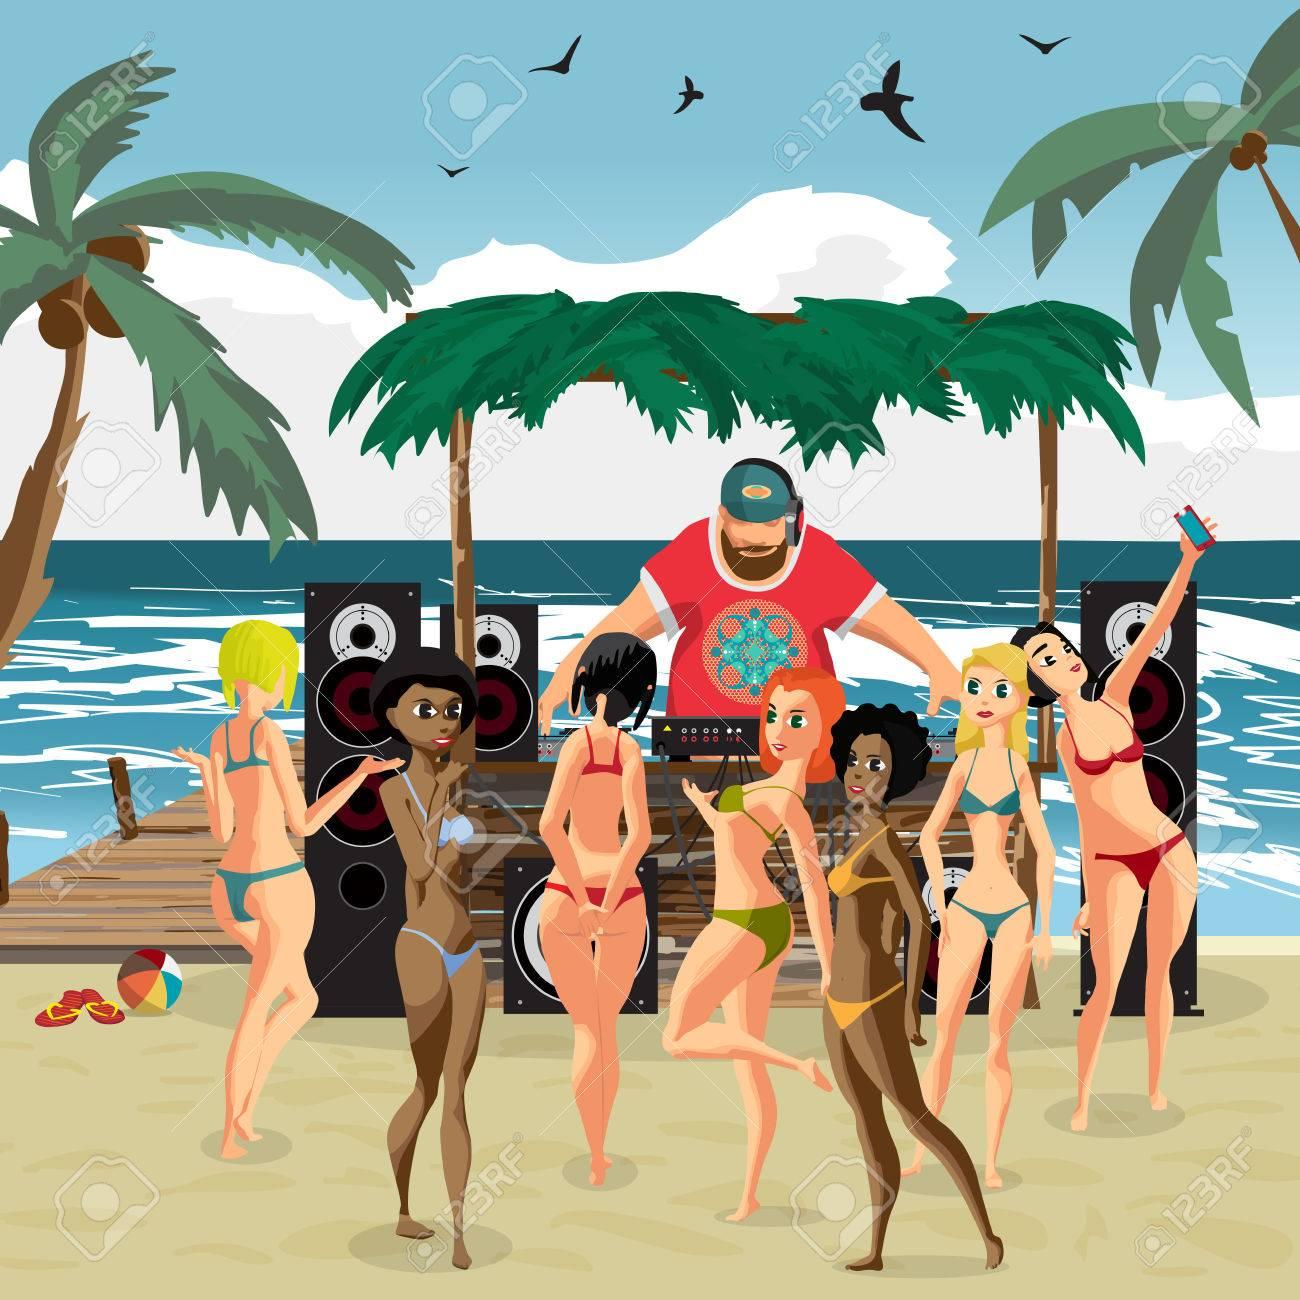 69ad4a4d2ea0 Estilo de playa invitación de la fiesta del verano del vector. Día de  playa, con sistema de sonido dj, muchedumbre mujeres en bikini. Carteles,  ...